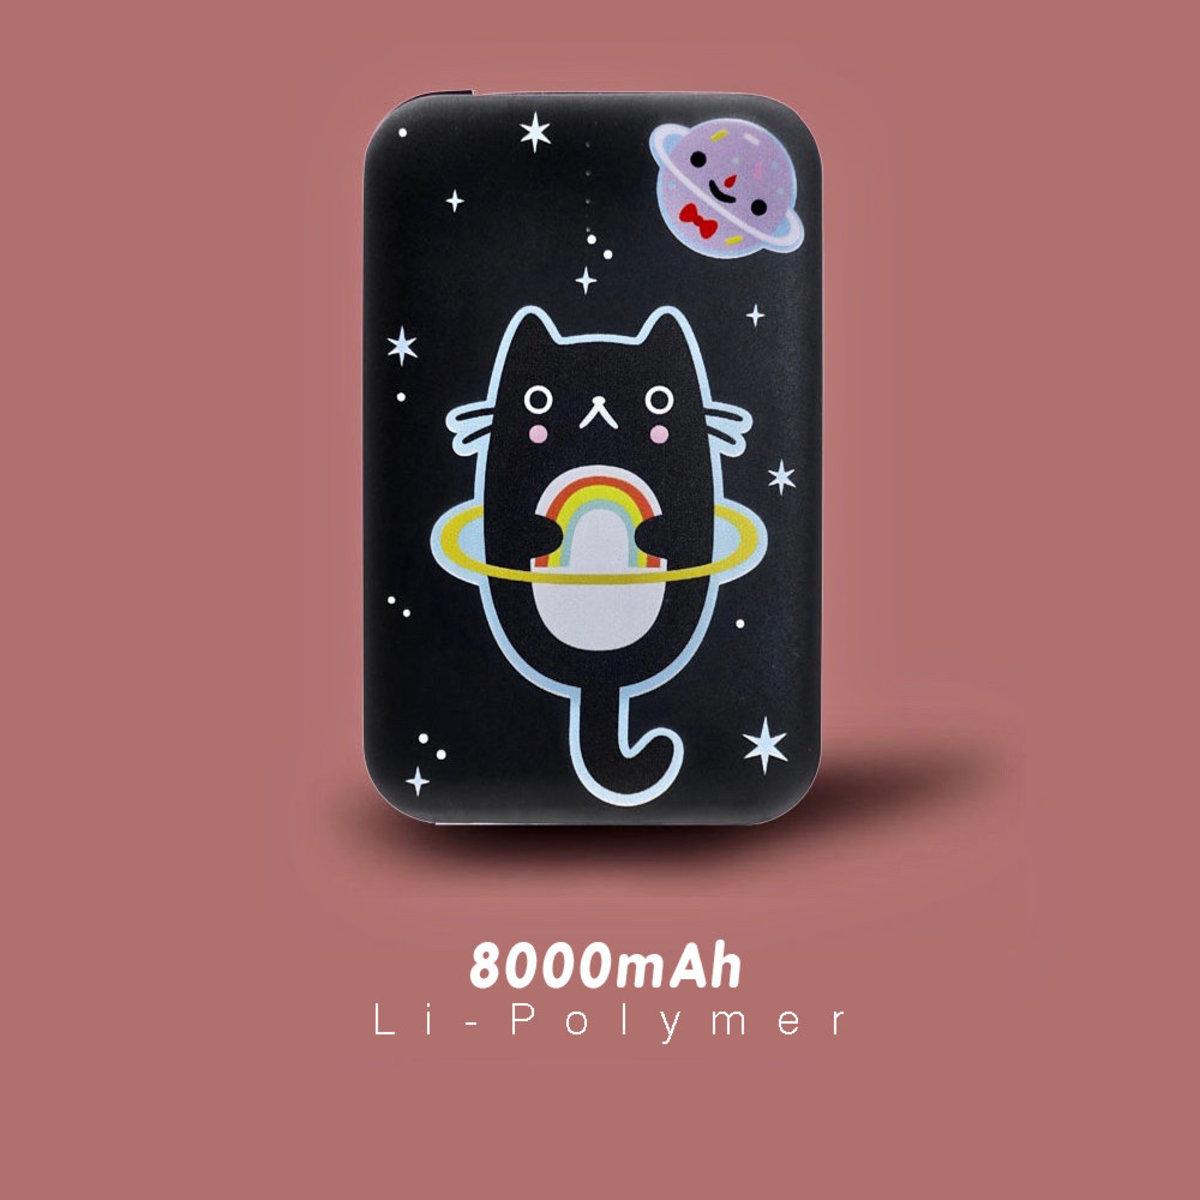 貓星人 / 8000mAh 行動電源